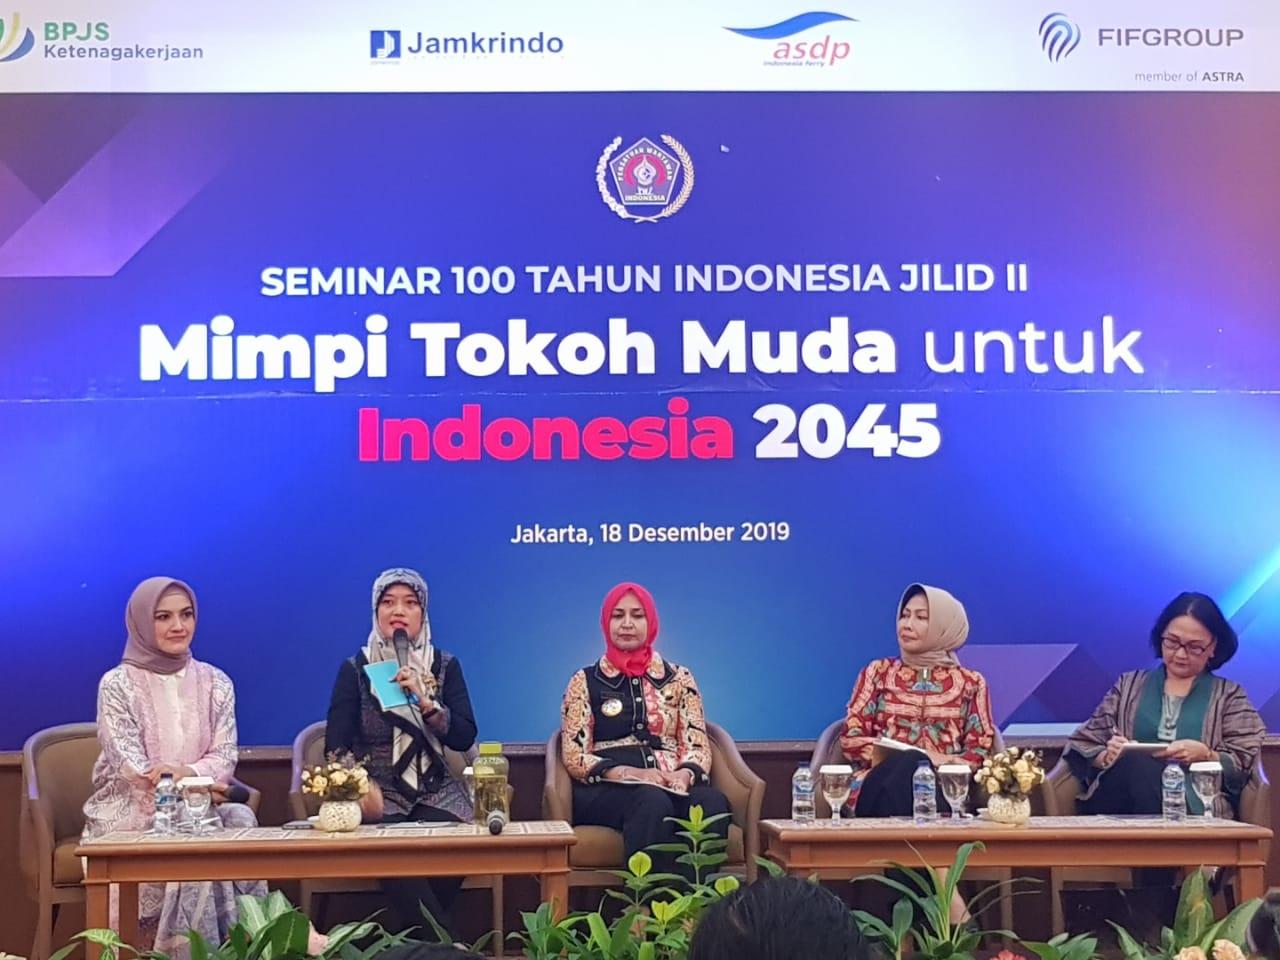 PWI Pusat Lanjutkan Serial Seminar 100 Tahun Indonesia 'Mimpi Tokoh Muda untuk Indonesia 2045'